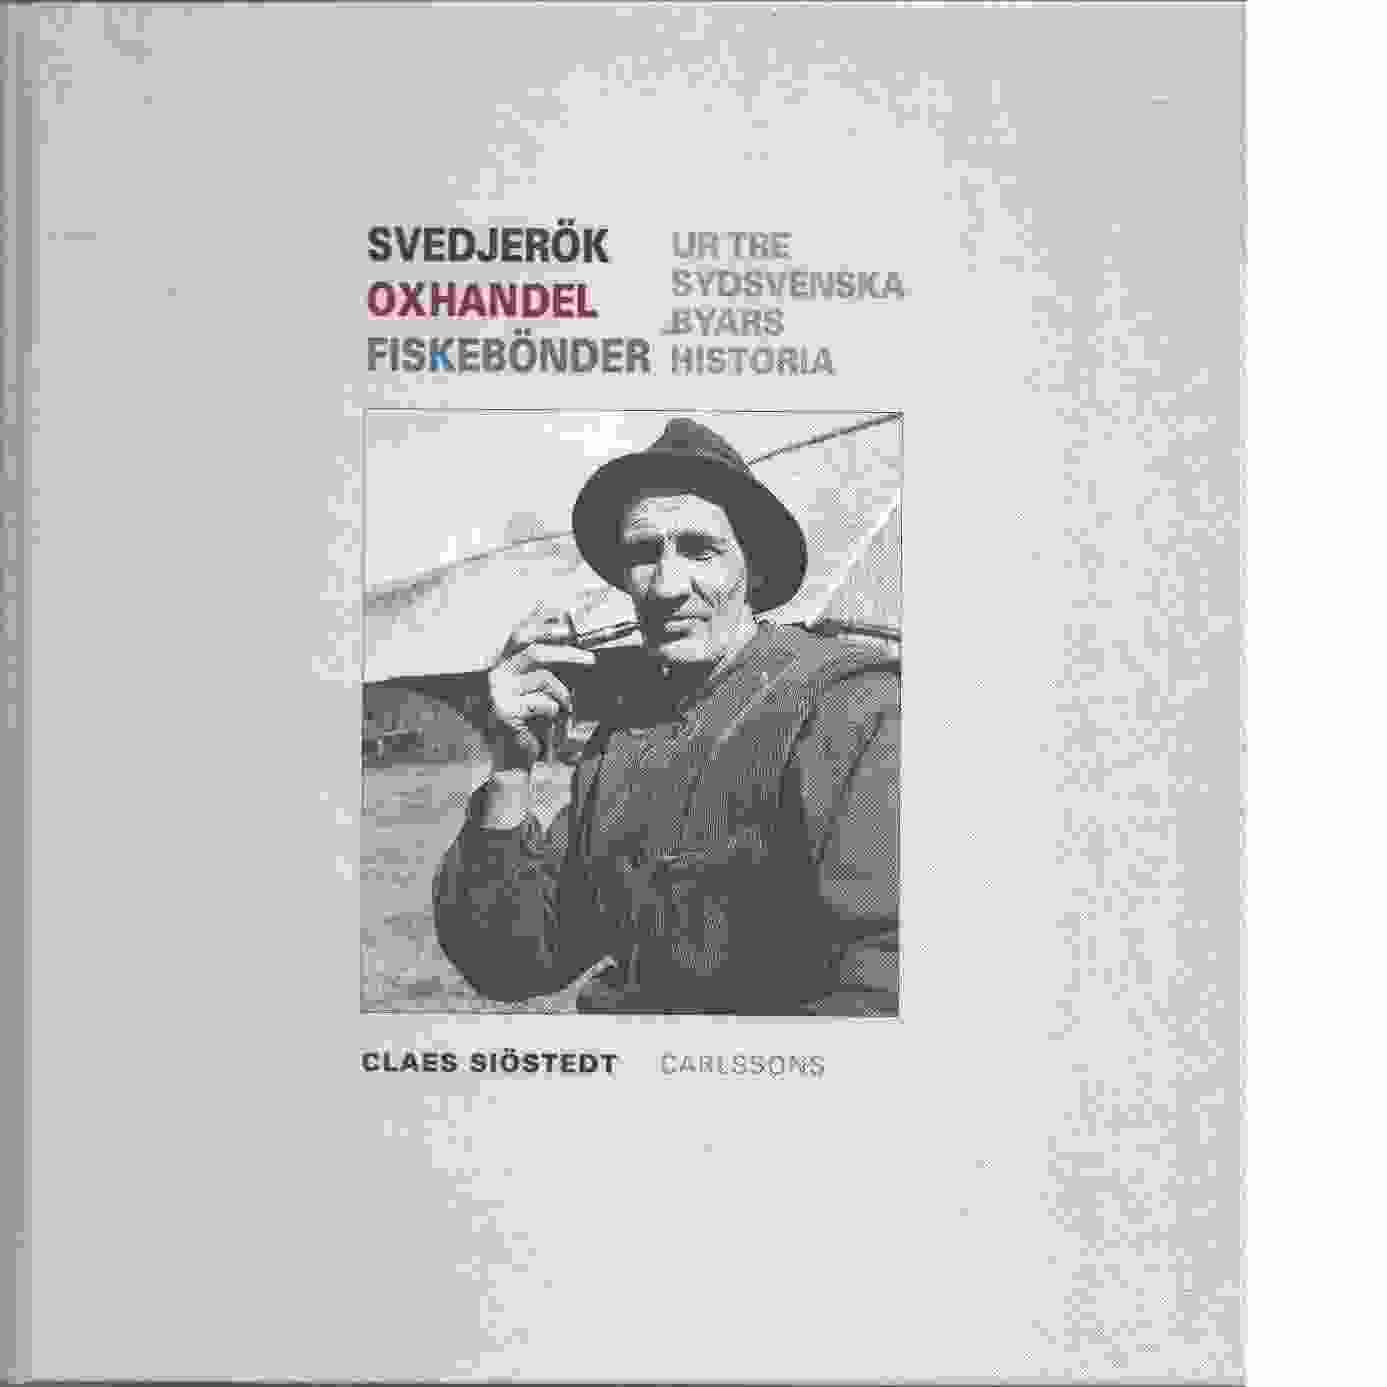 Svedjerök, oxhandel, fiskebönder : ur tre sydsvenska byars historia - Siöstedt, Claes